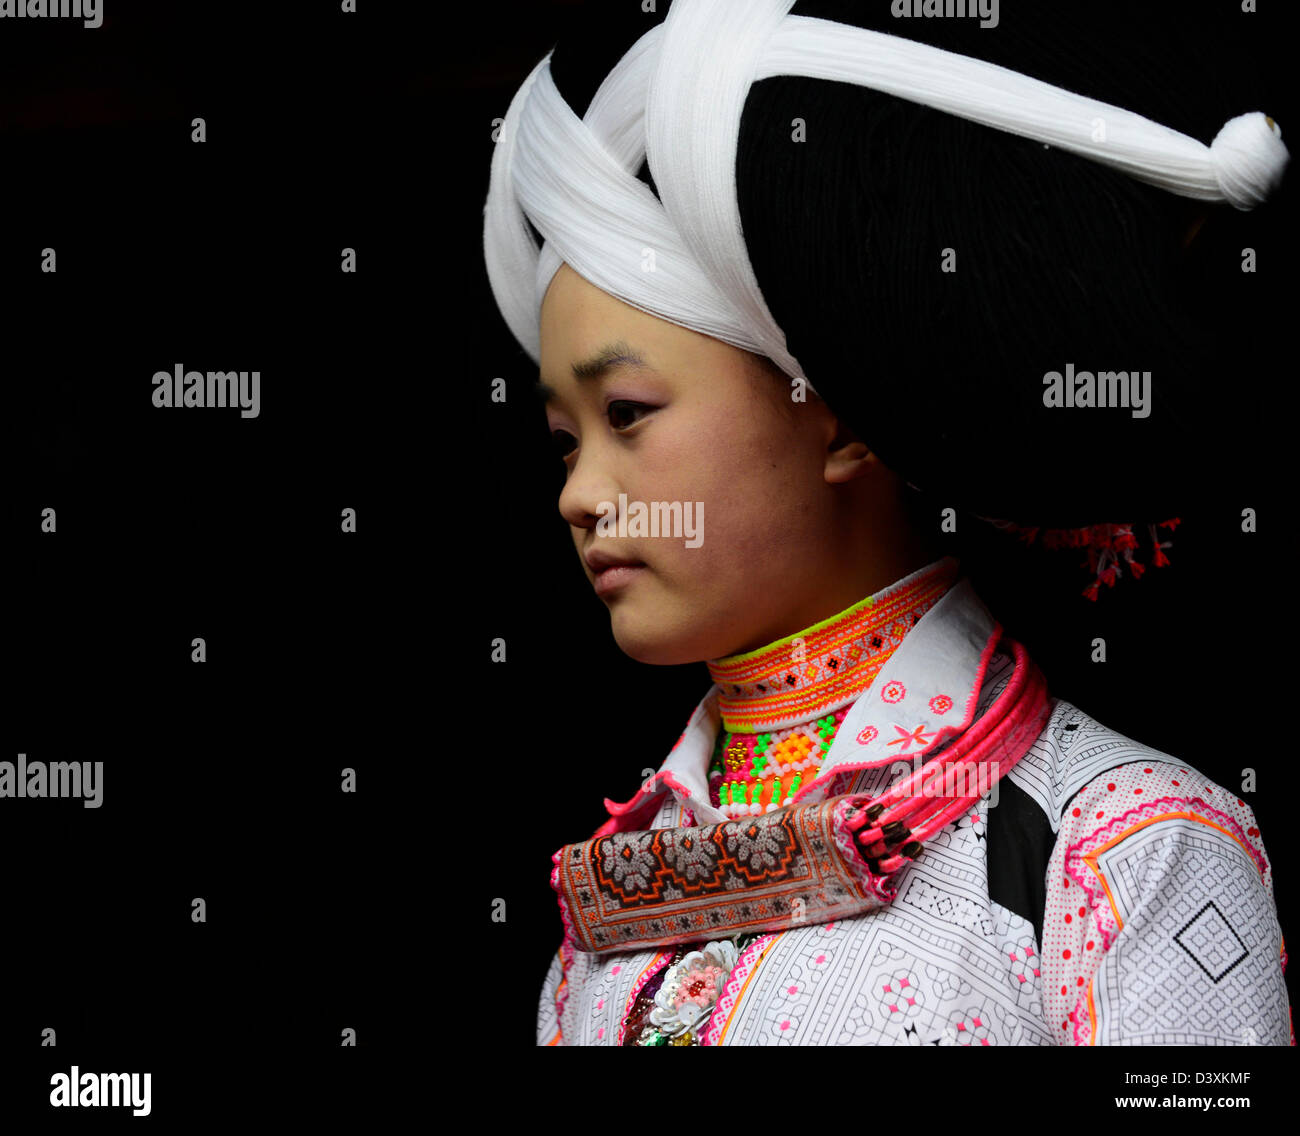 A Long Horn Miao teenage girl getting ready for the Tiao Hua festival in Guizhou. - Stock Image